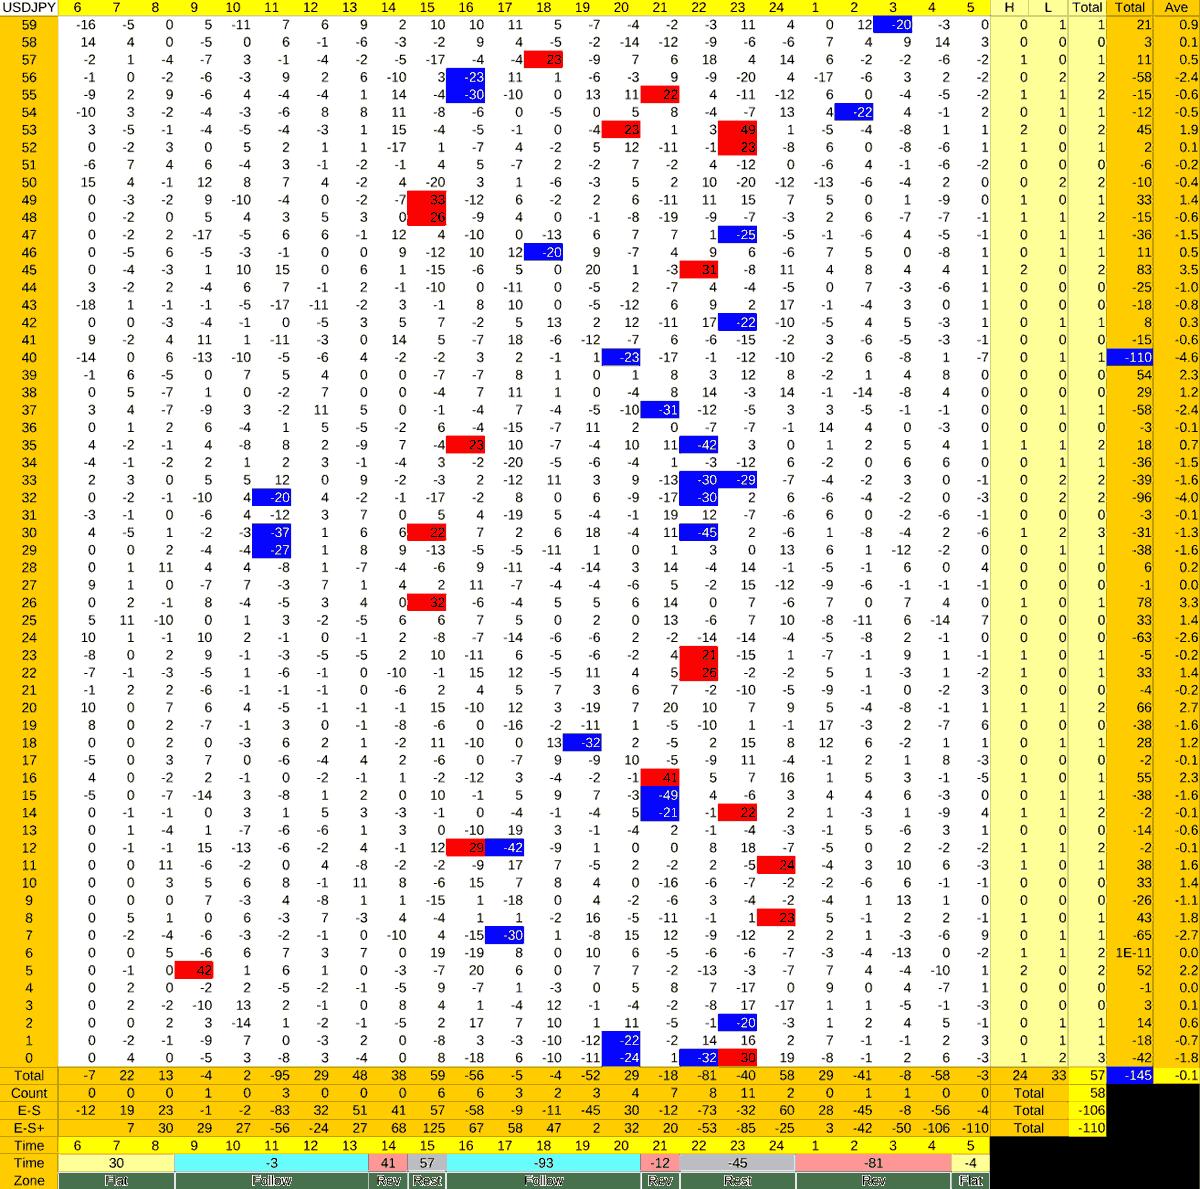 20210505_HS(1)USDJPY